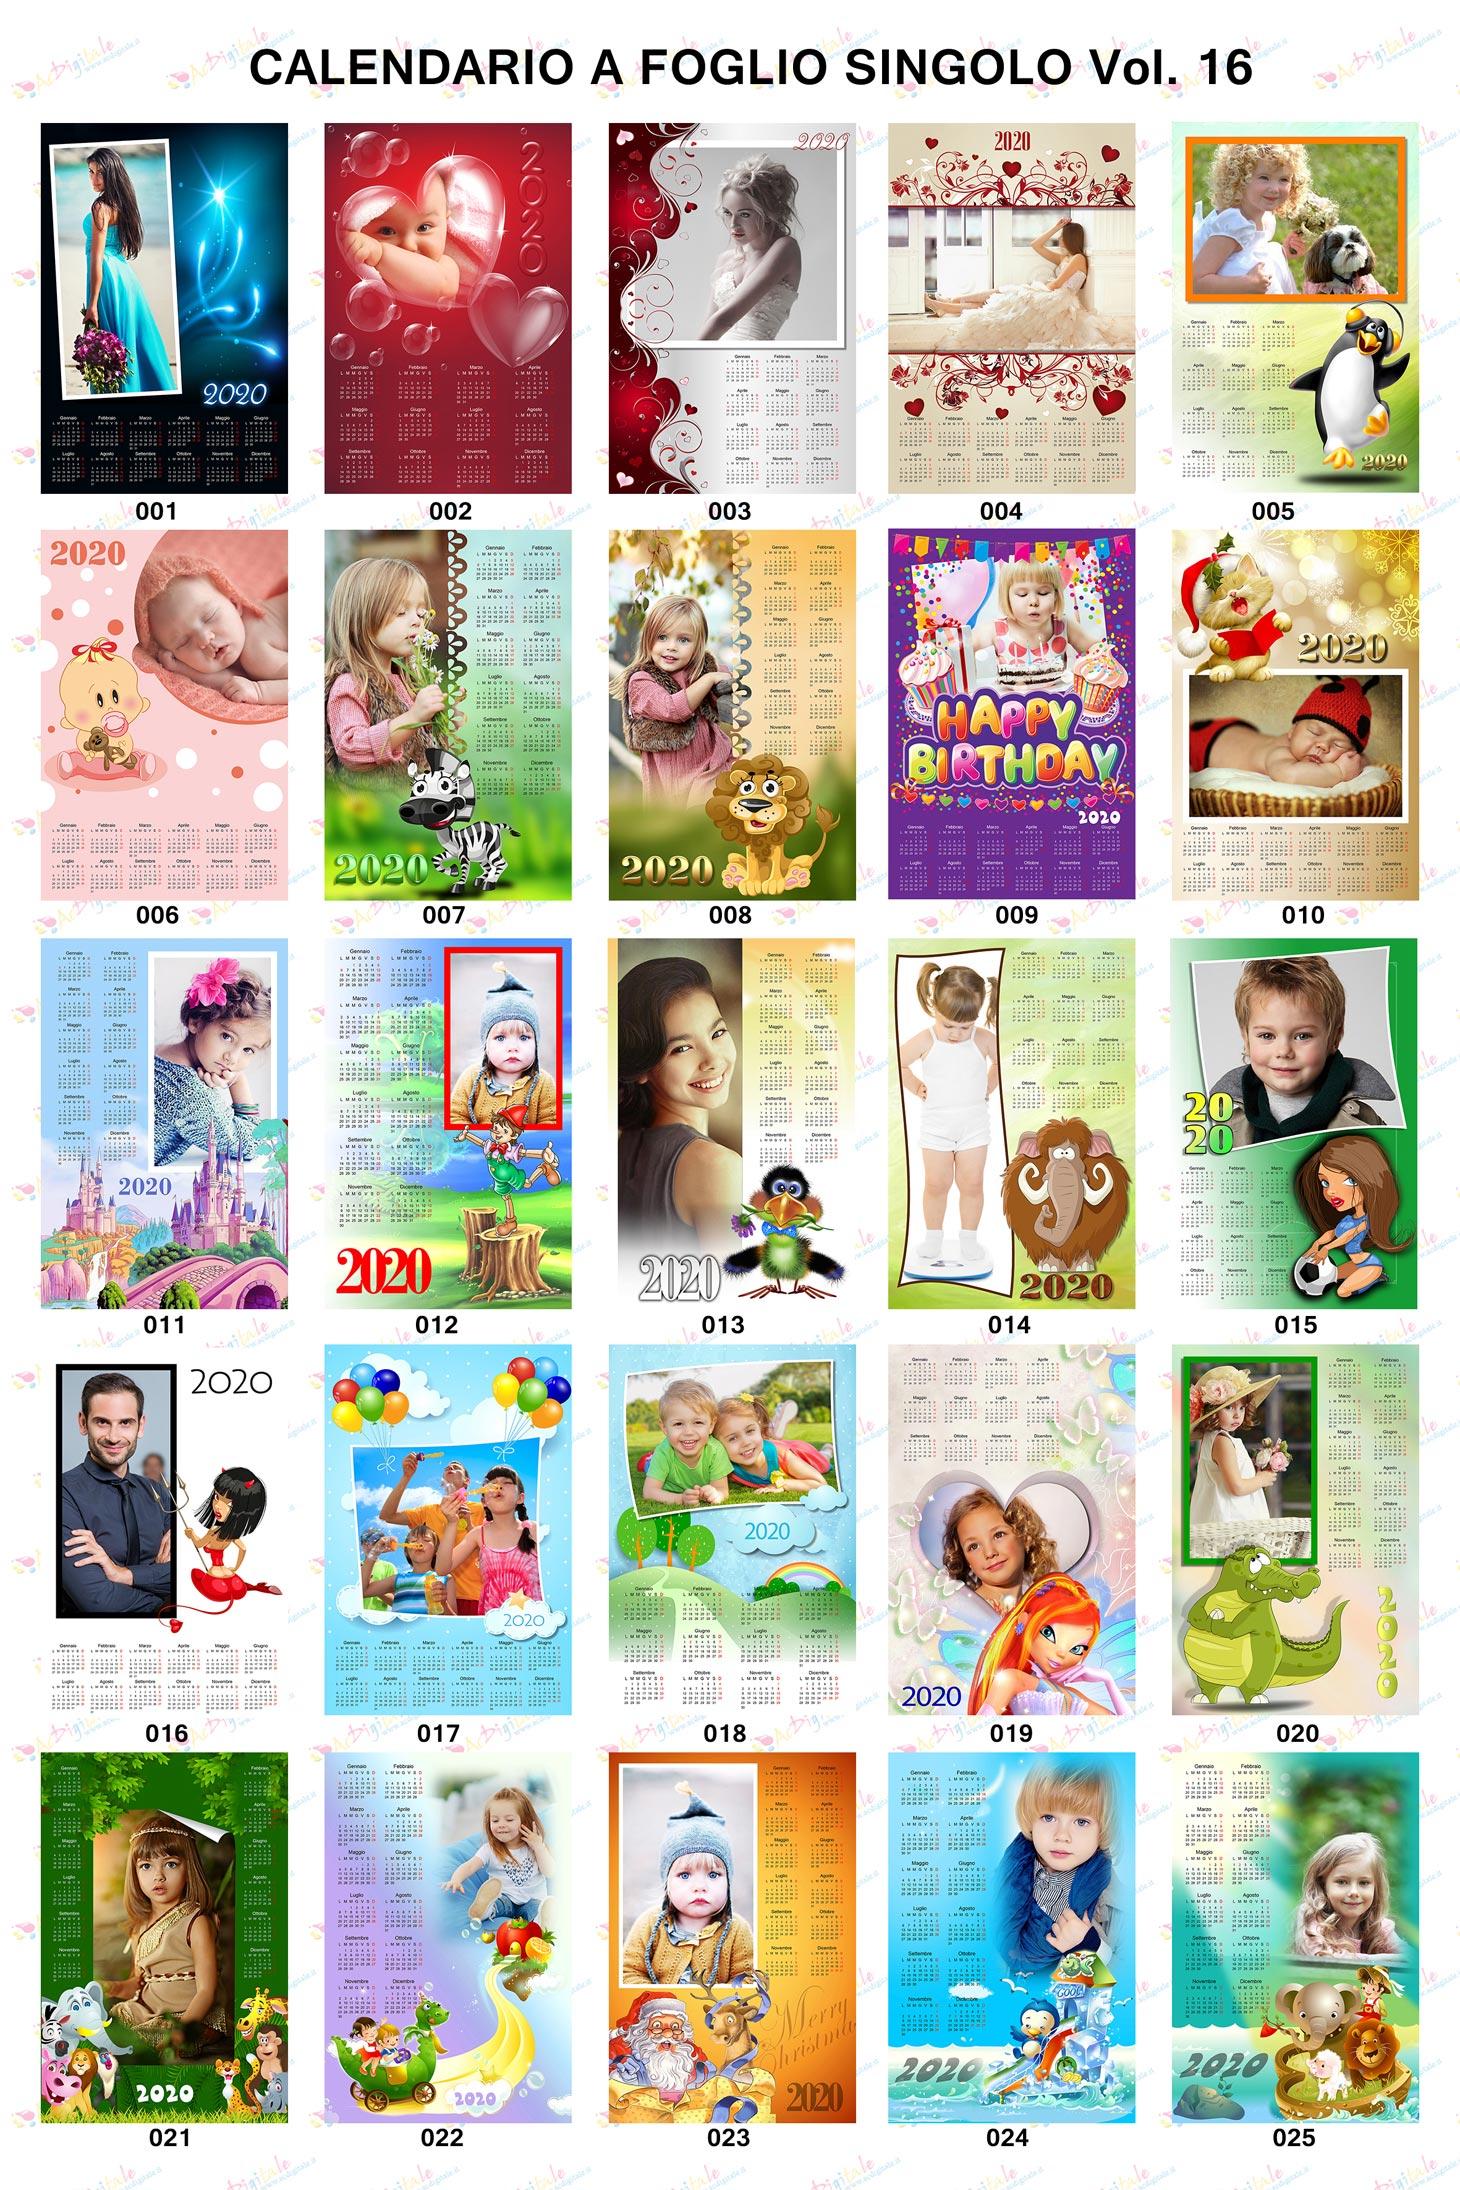 Anteprima Calendari personalizzati 2020 volume 16